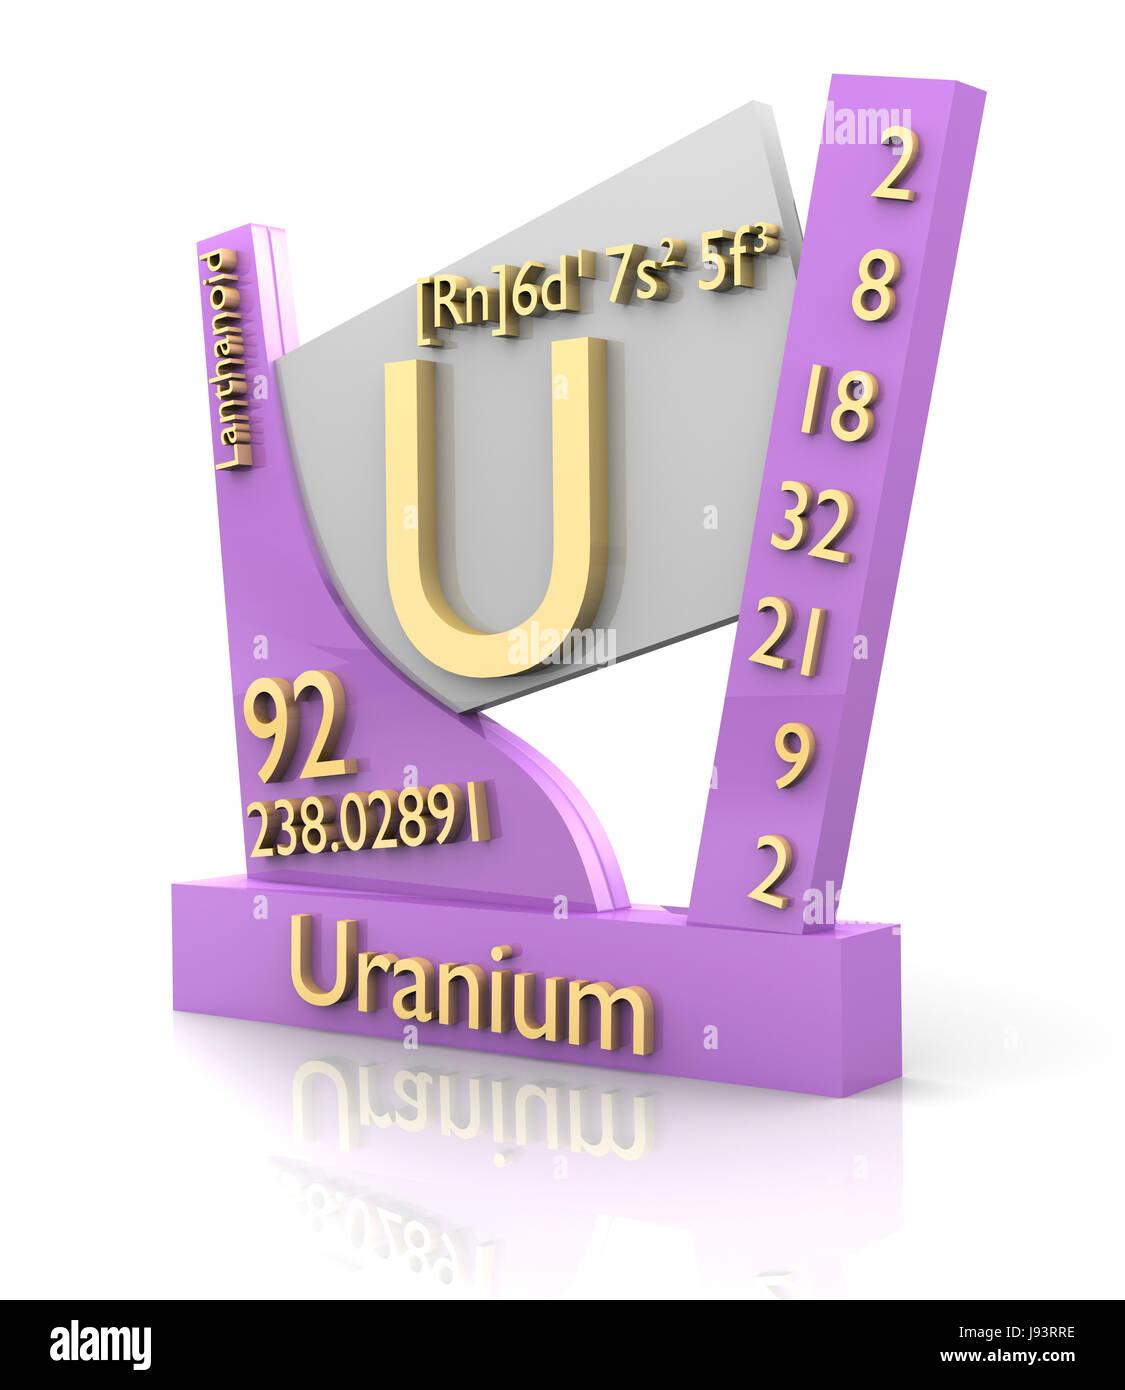 Element uranium periodical periodic table study board science element uranium periodical periodic table study board science energy urtaz Image collections